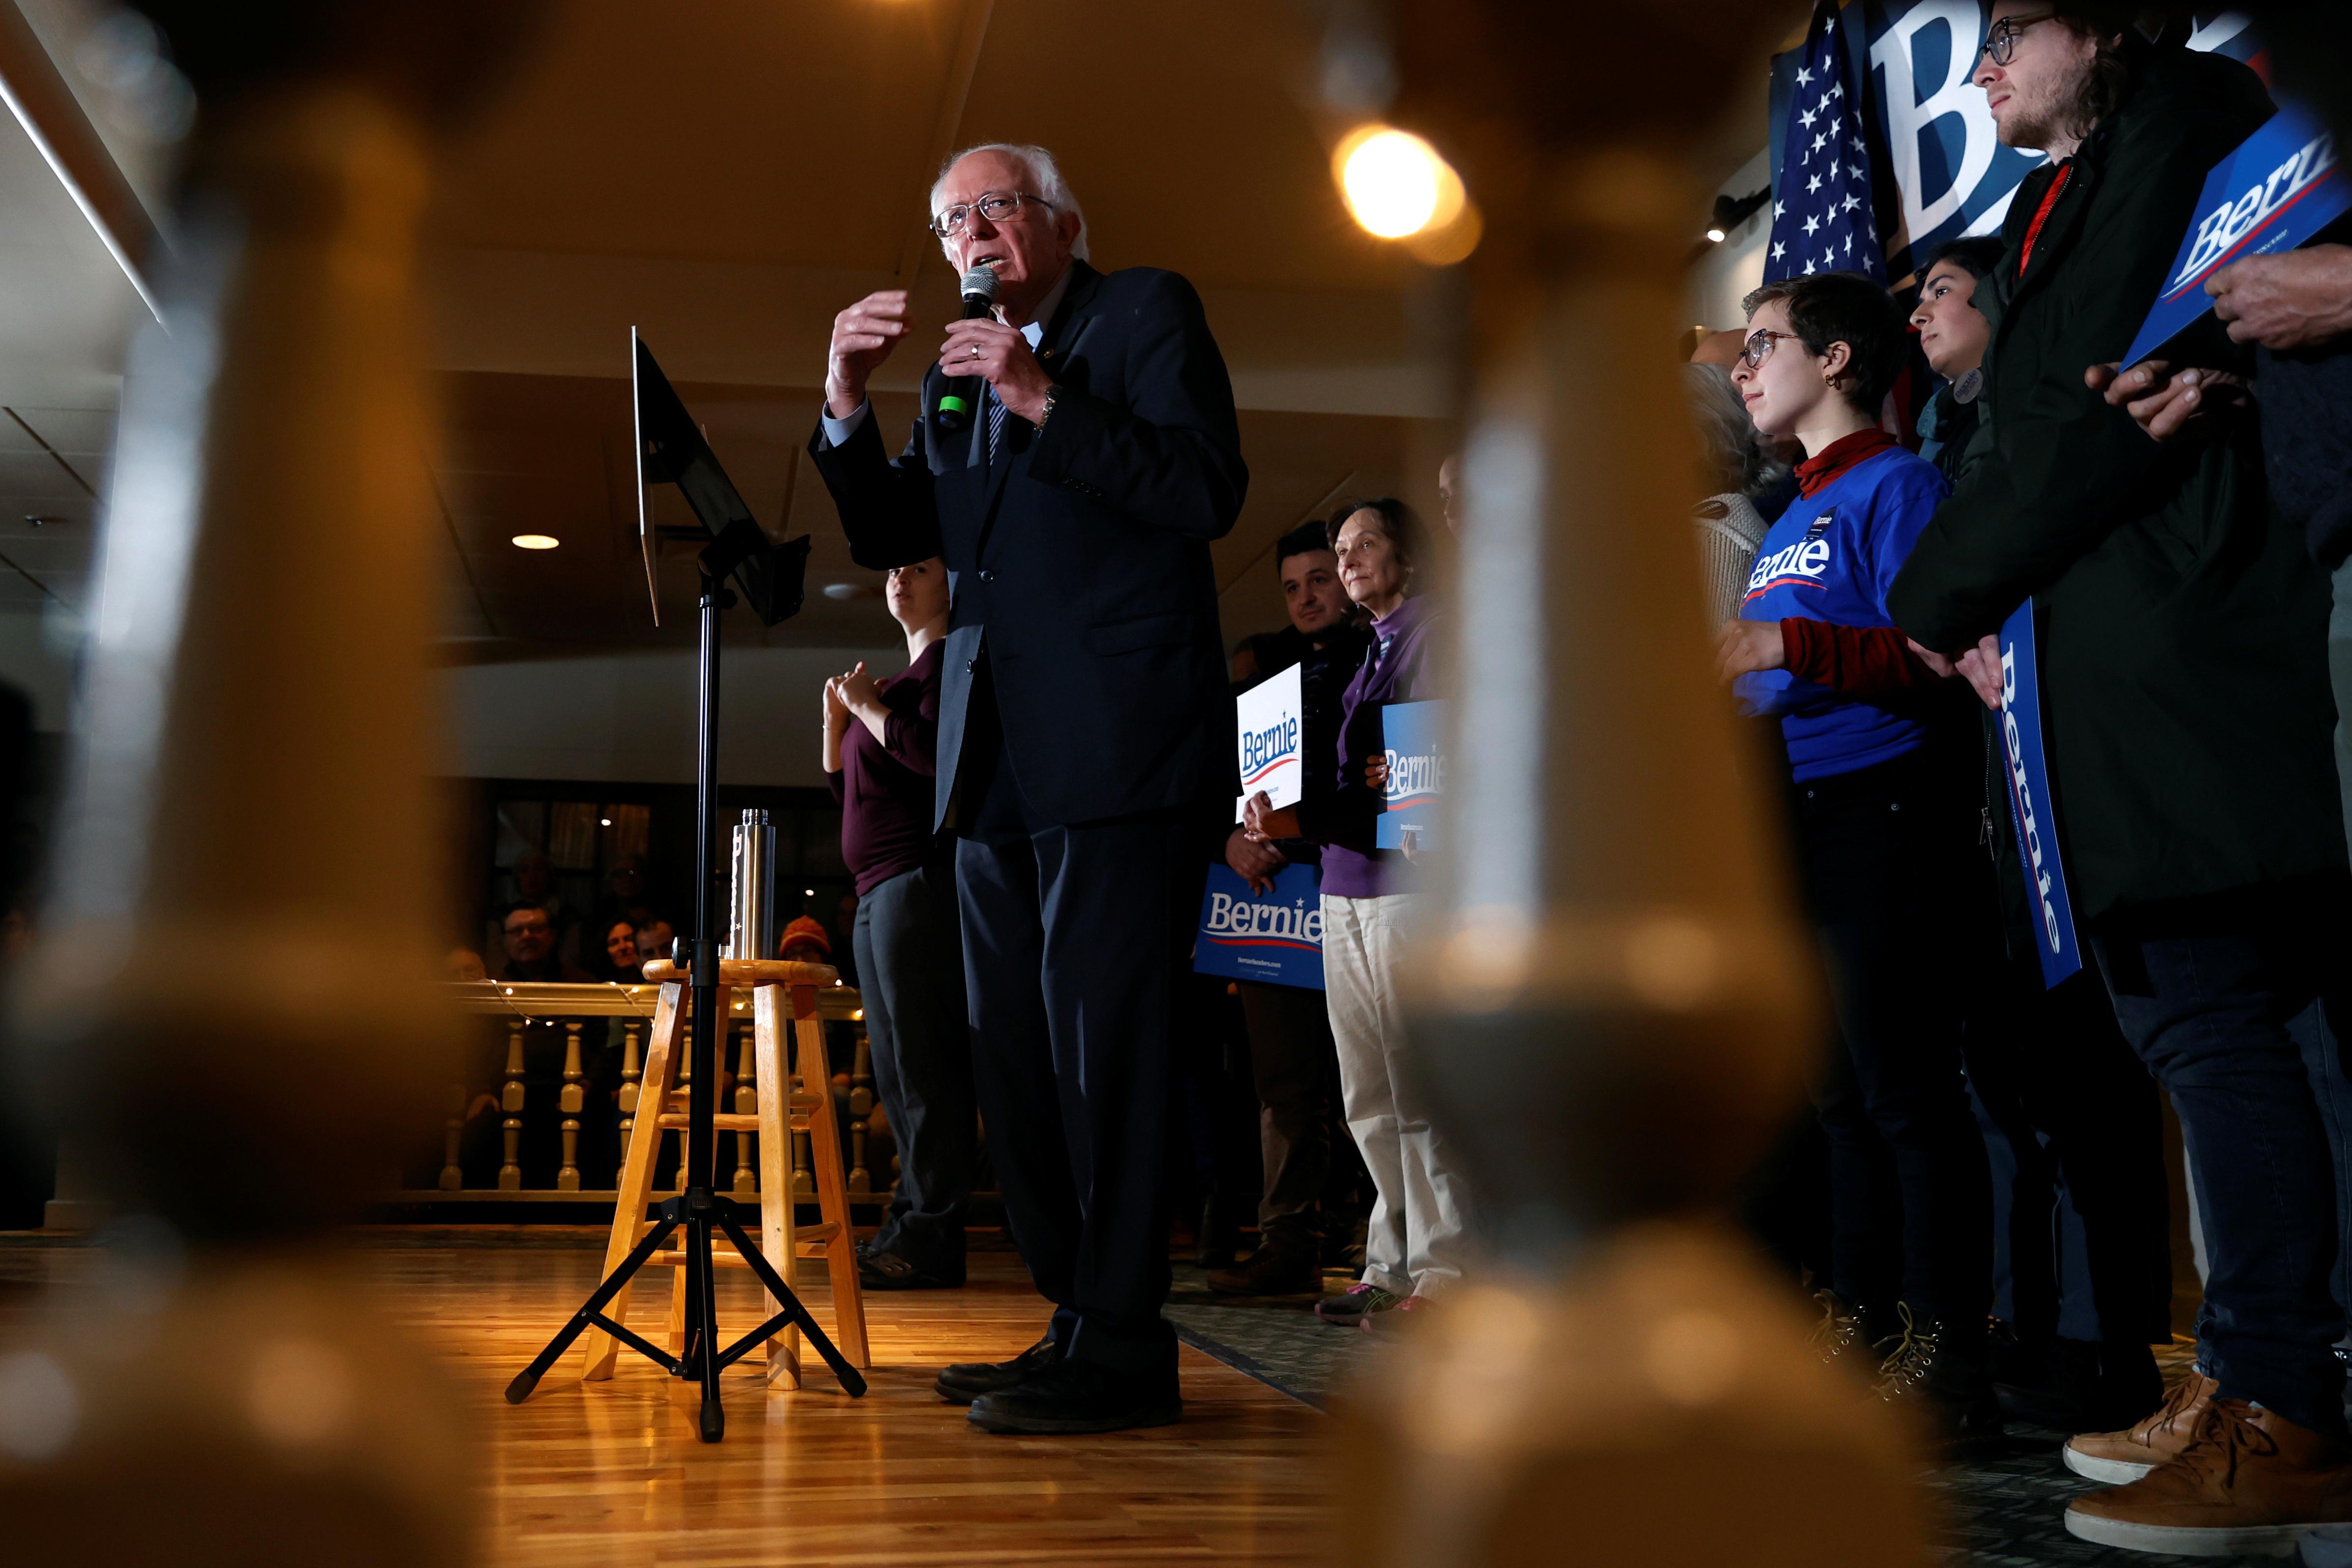 Sur la piste 2020: Sanders blâme Buttigieg pour avoir pris des dollars milliardaires